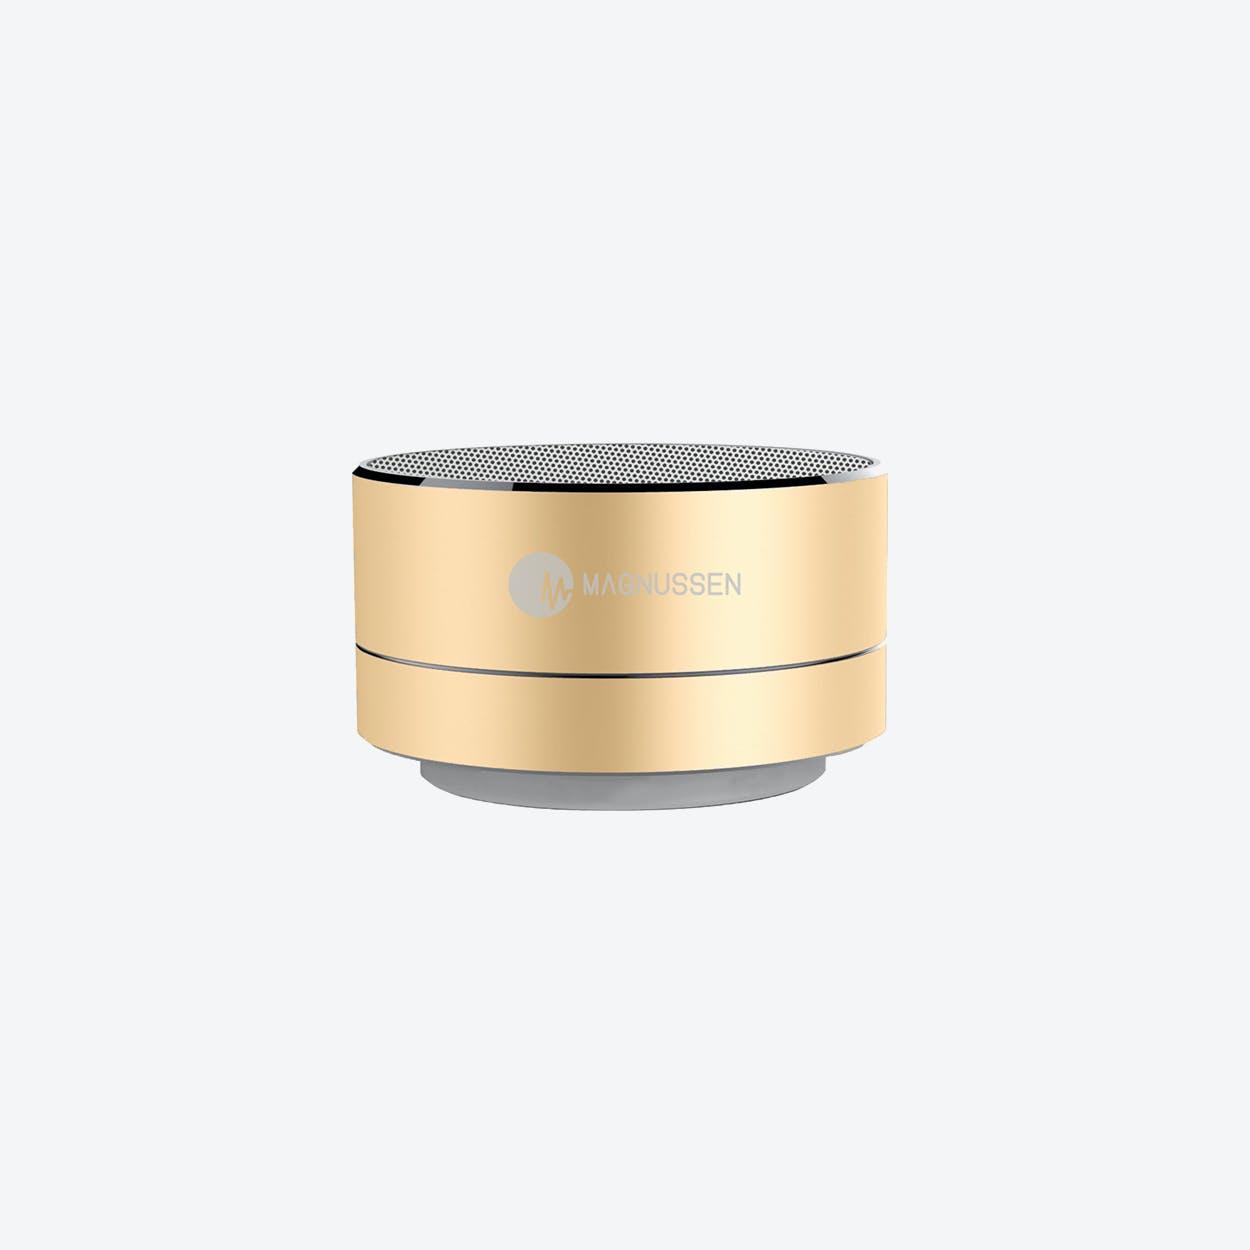 MAGNUSSEN S1 Bluetooth Wireless Speaker in Gold